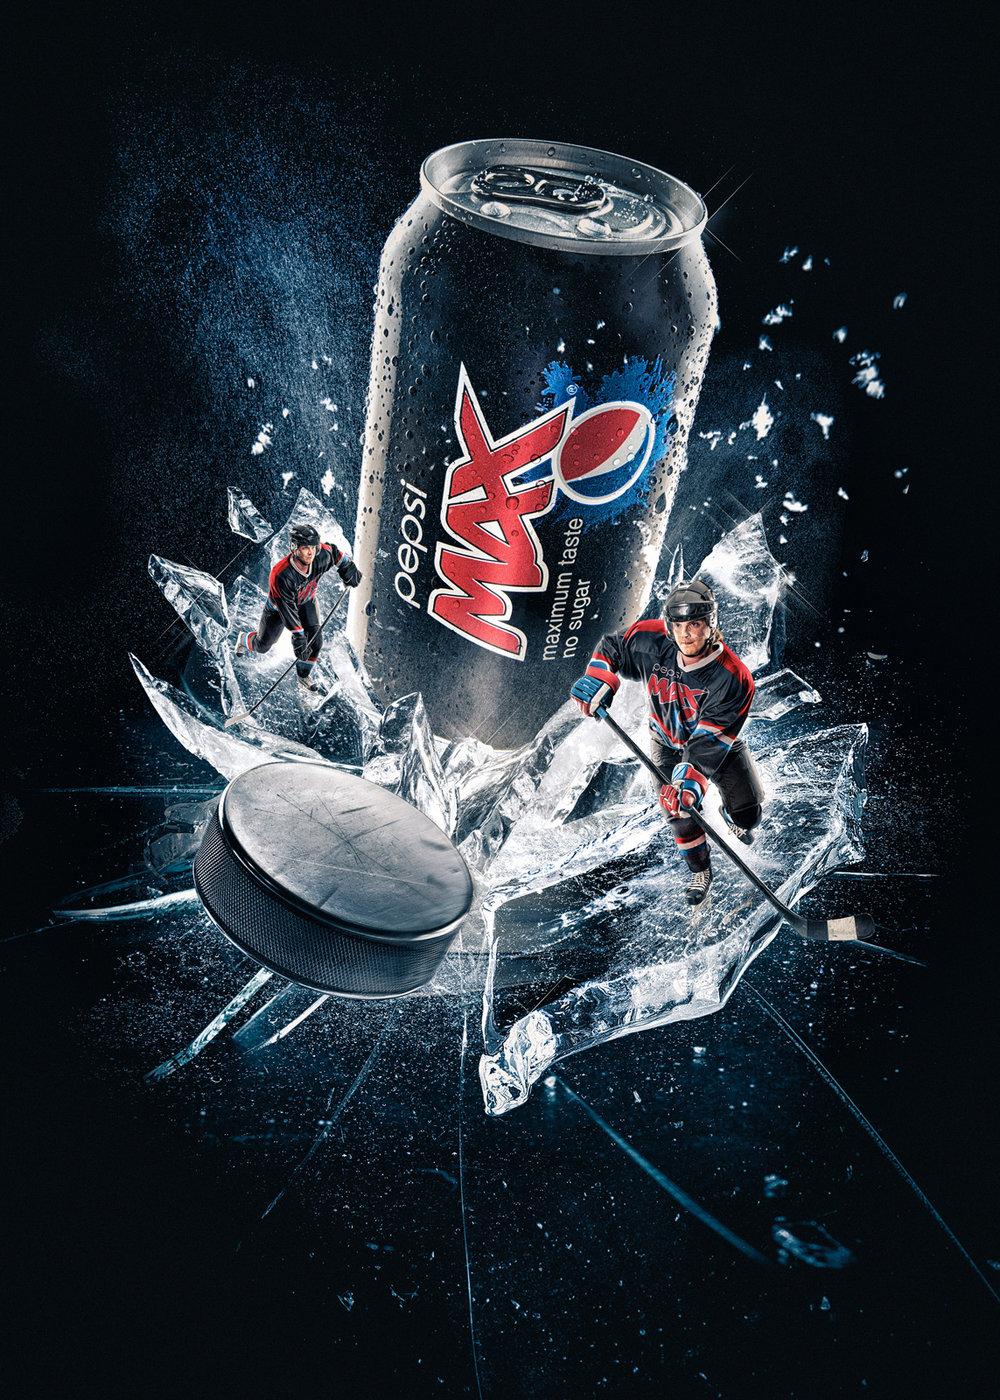 PepsiMax Finland